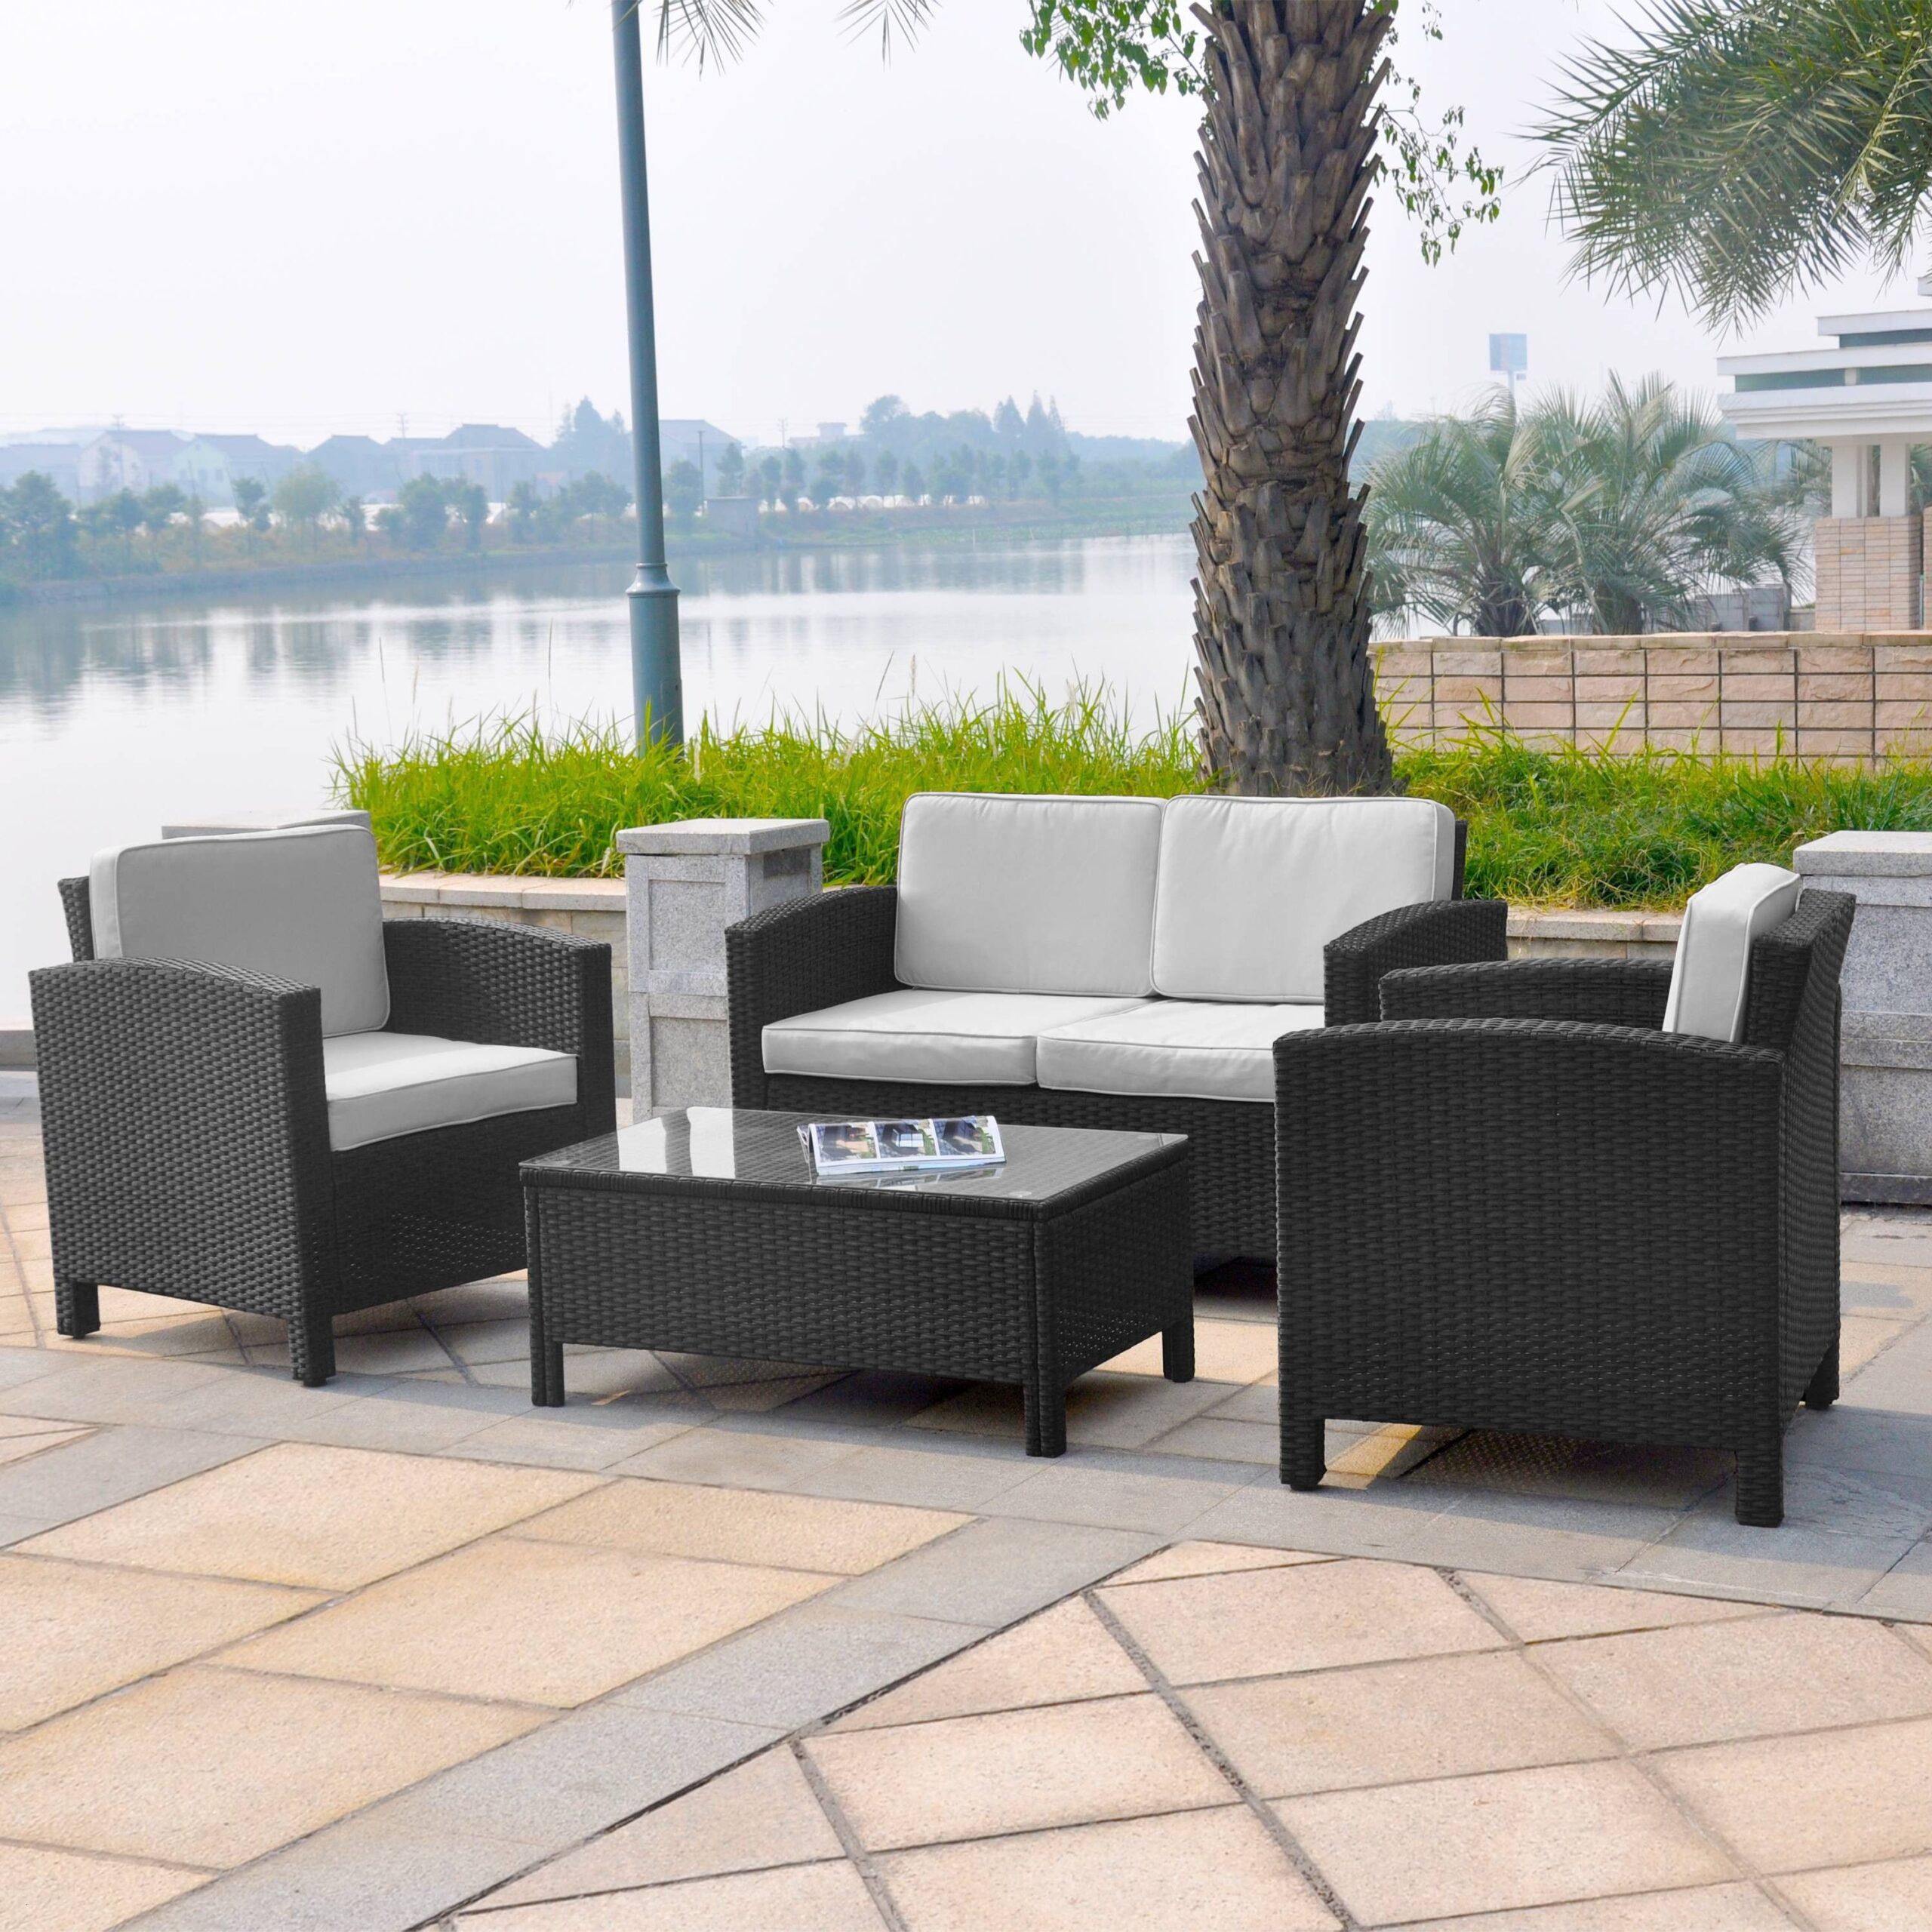 Full Size of Terrassen Tisch Und Sthle Einzigartig 50 Von Gartenmbel Lounge Garten Loungemöbel Günstig Möbel Holz Sofa Set Sessel Wohnzimmer Terrassen Lounge